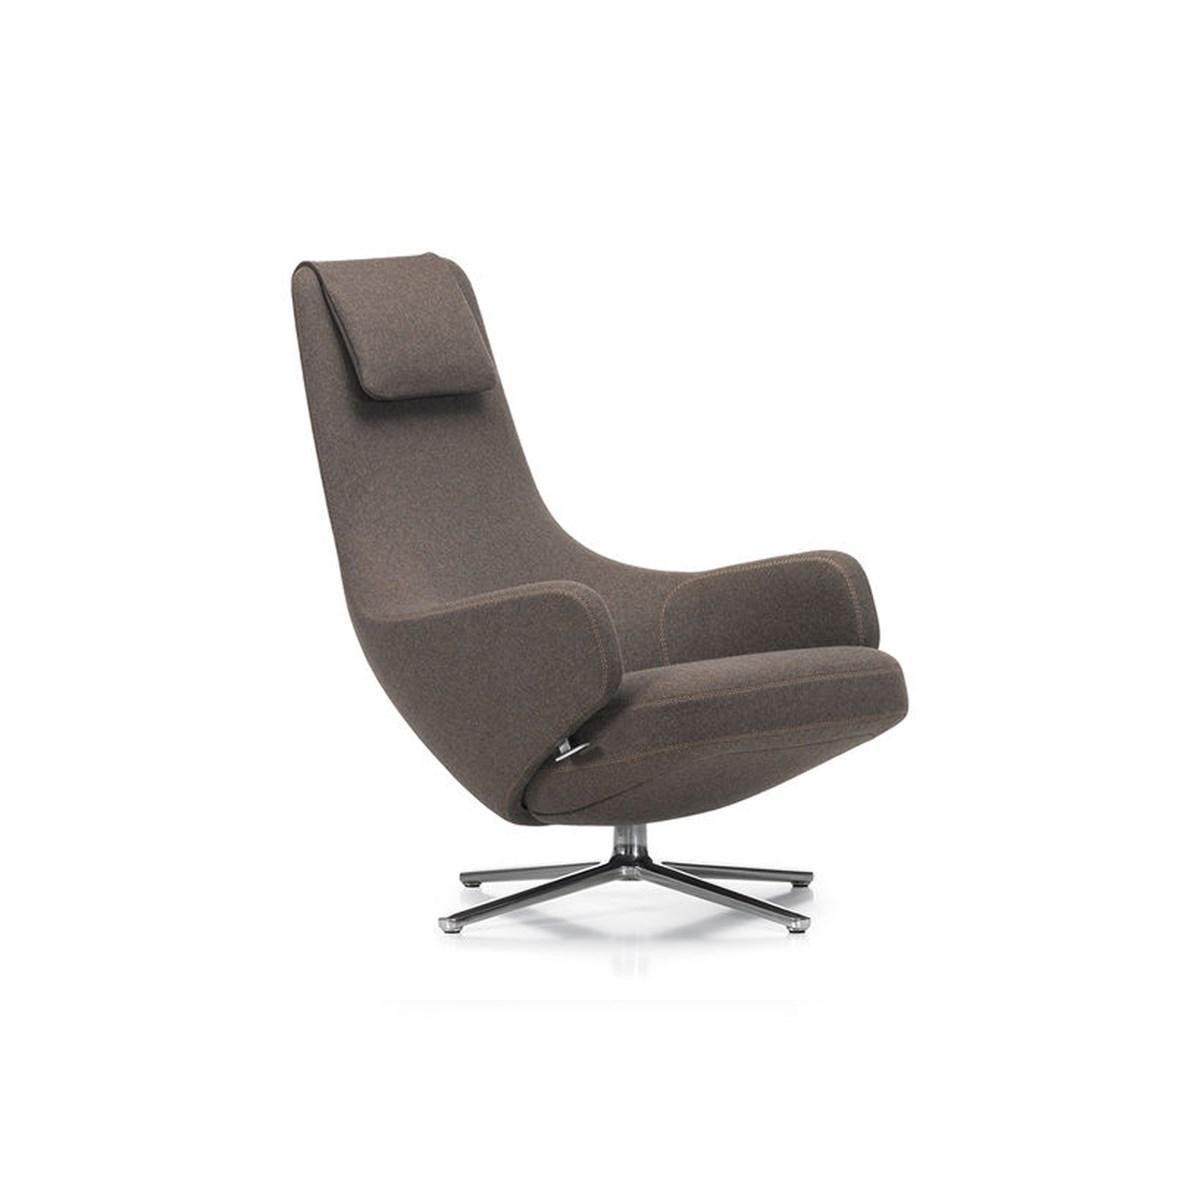 Vitra-Antonio-Citterio-Repos-Armchair-Matisse-1